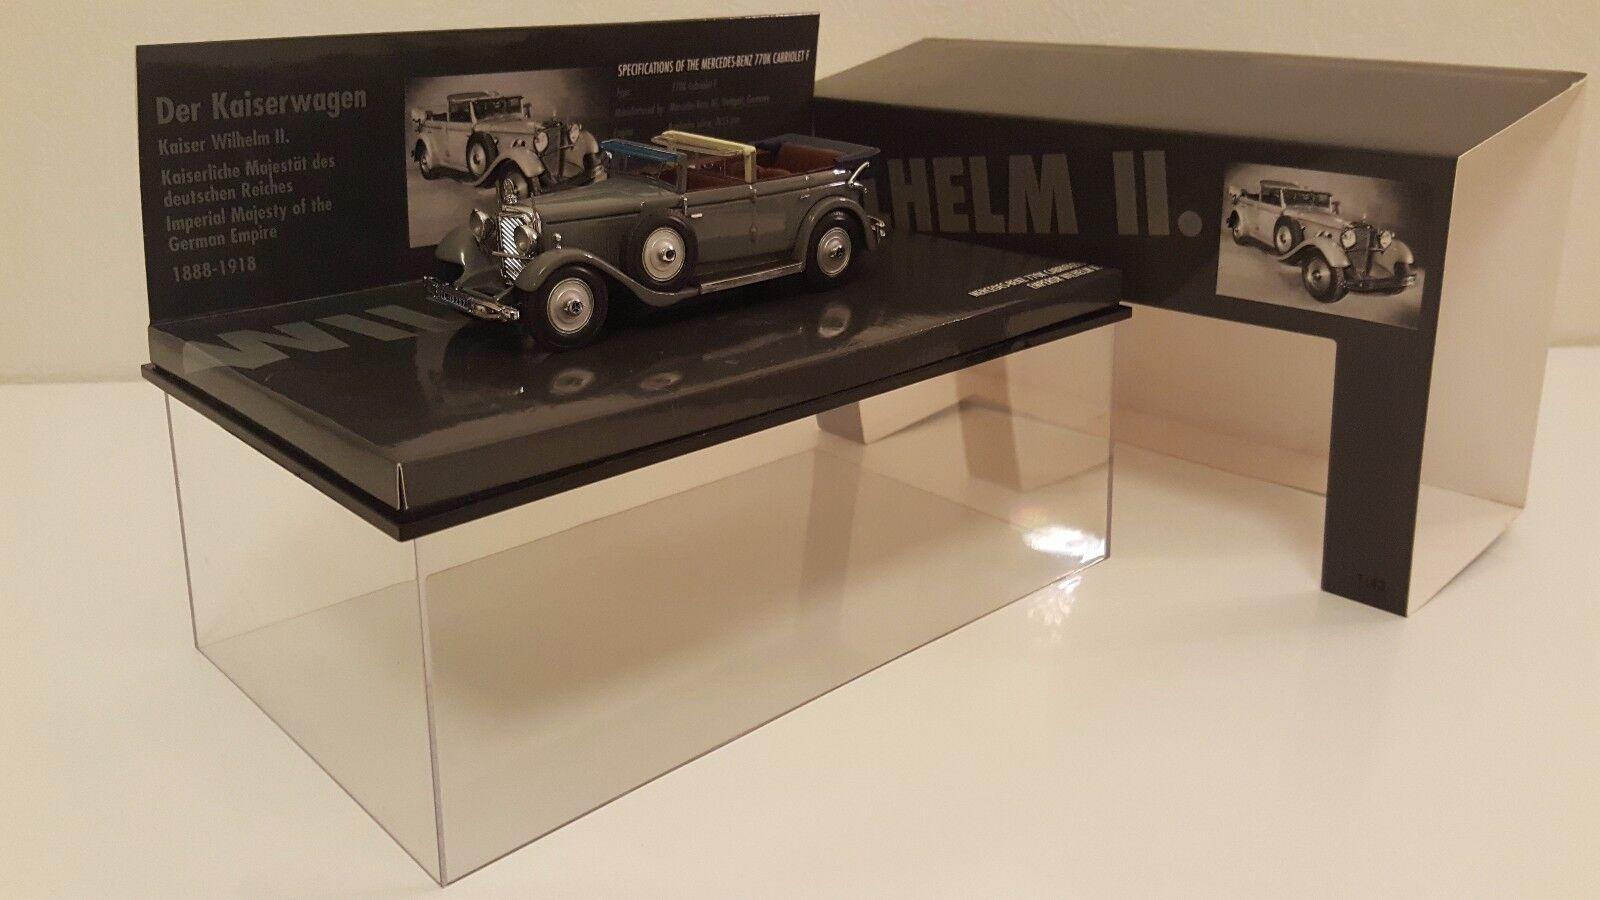 Minichamps - mercedes - benz 770 k cabriolet 1931 kaiser willem ii (1.   43)